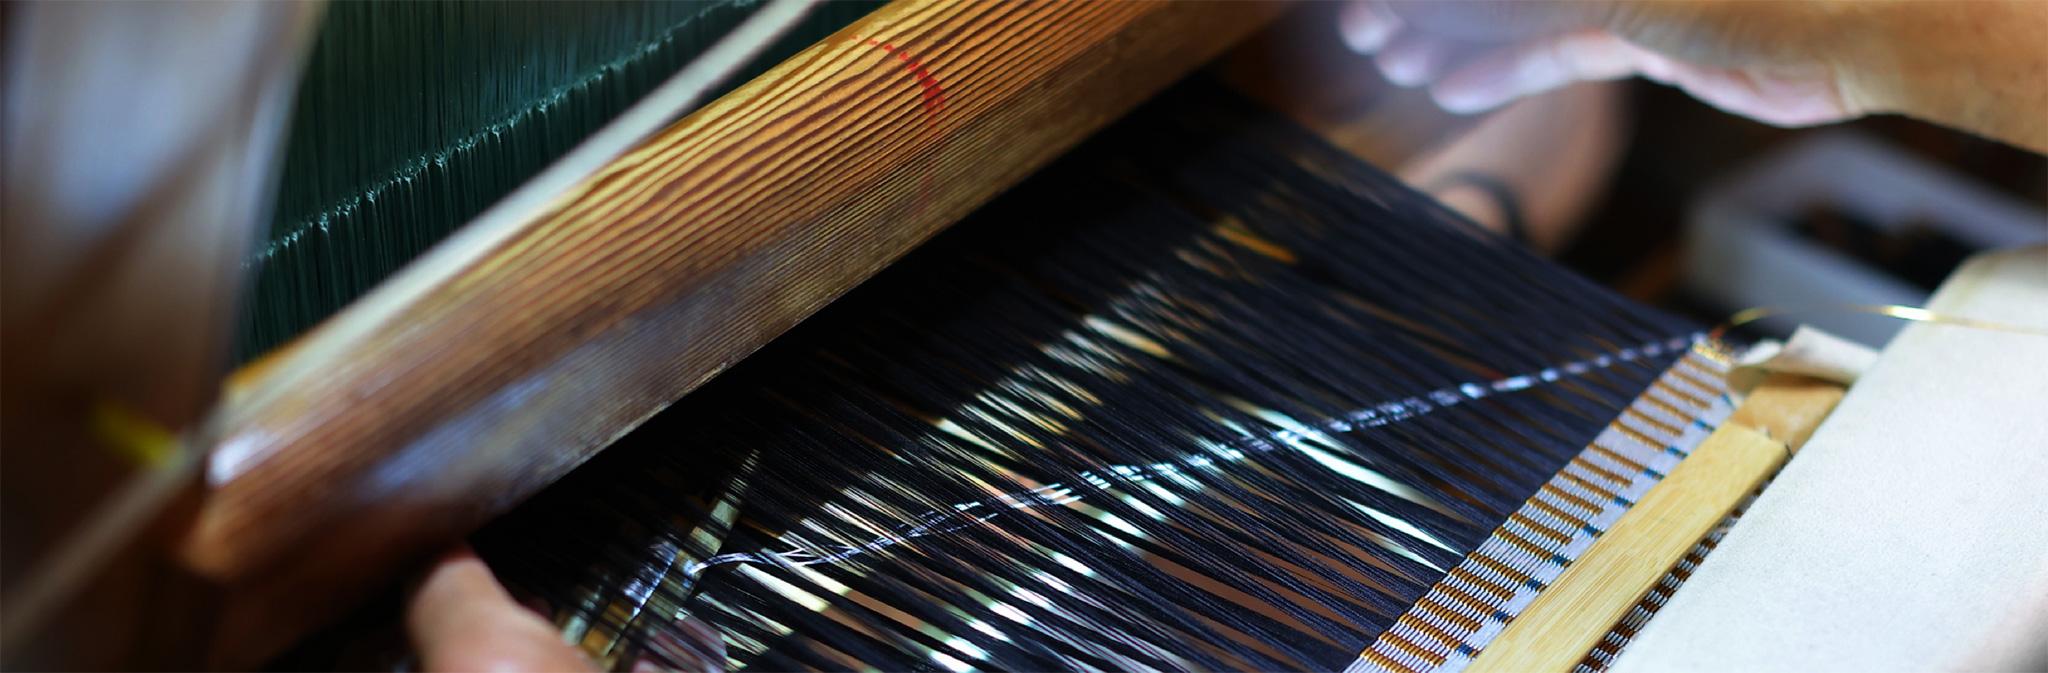 西陣織の裾野を広げる新しい挑戦